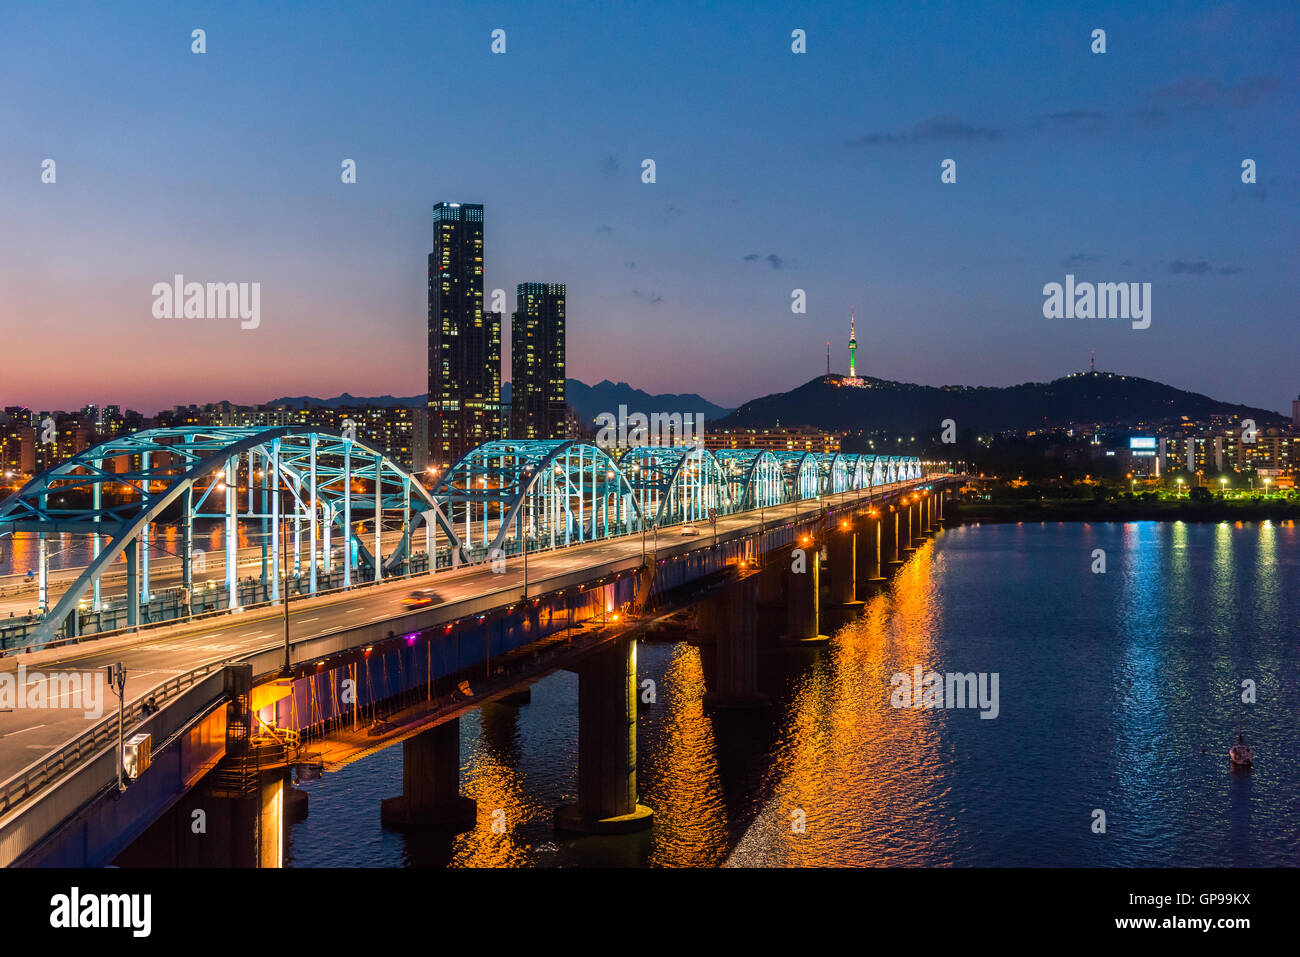 En la noche de Seúl, Corea del Sur ciudad en Dongjak puente del río Han en Seúl, Corea del Sur. Imagen De Stock